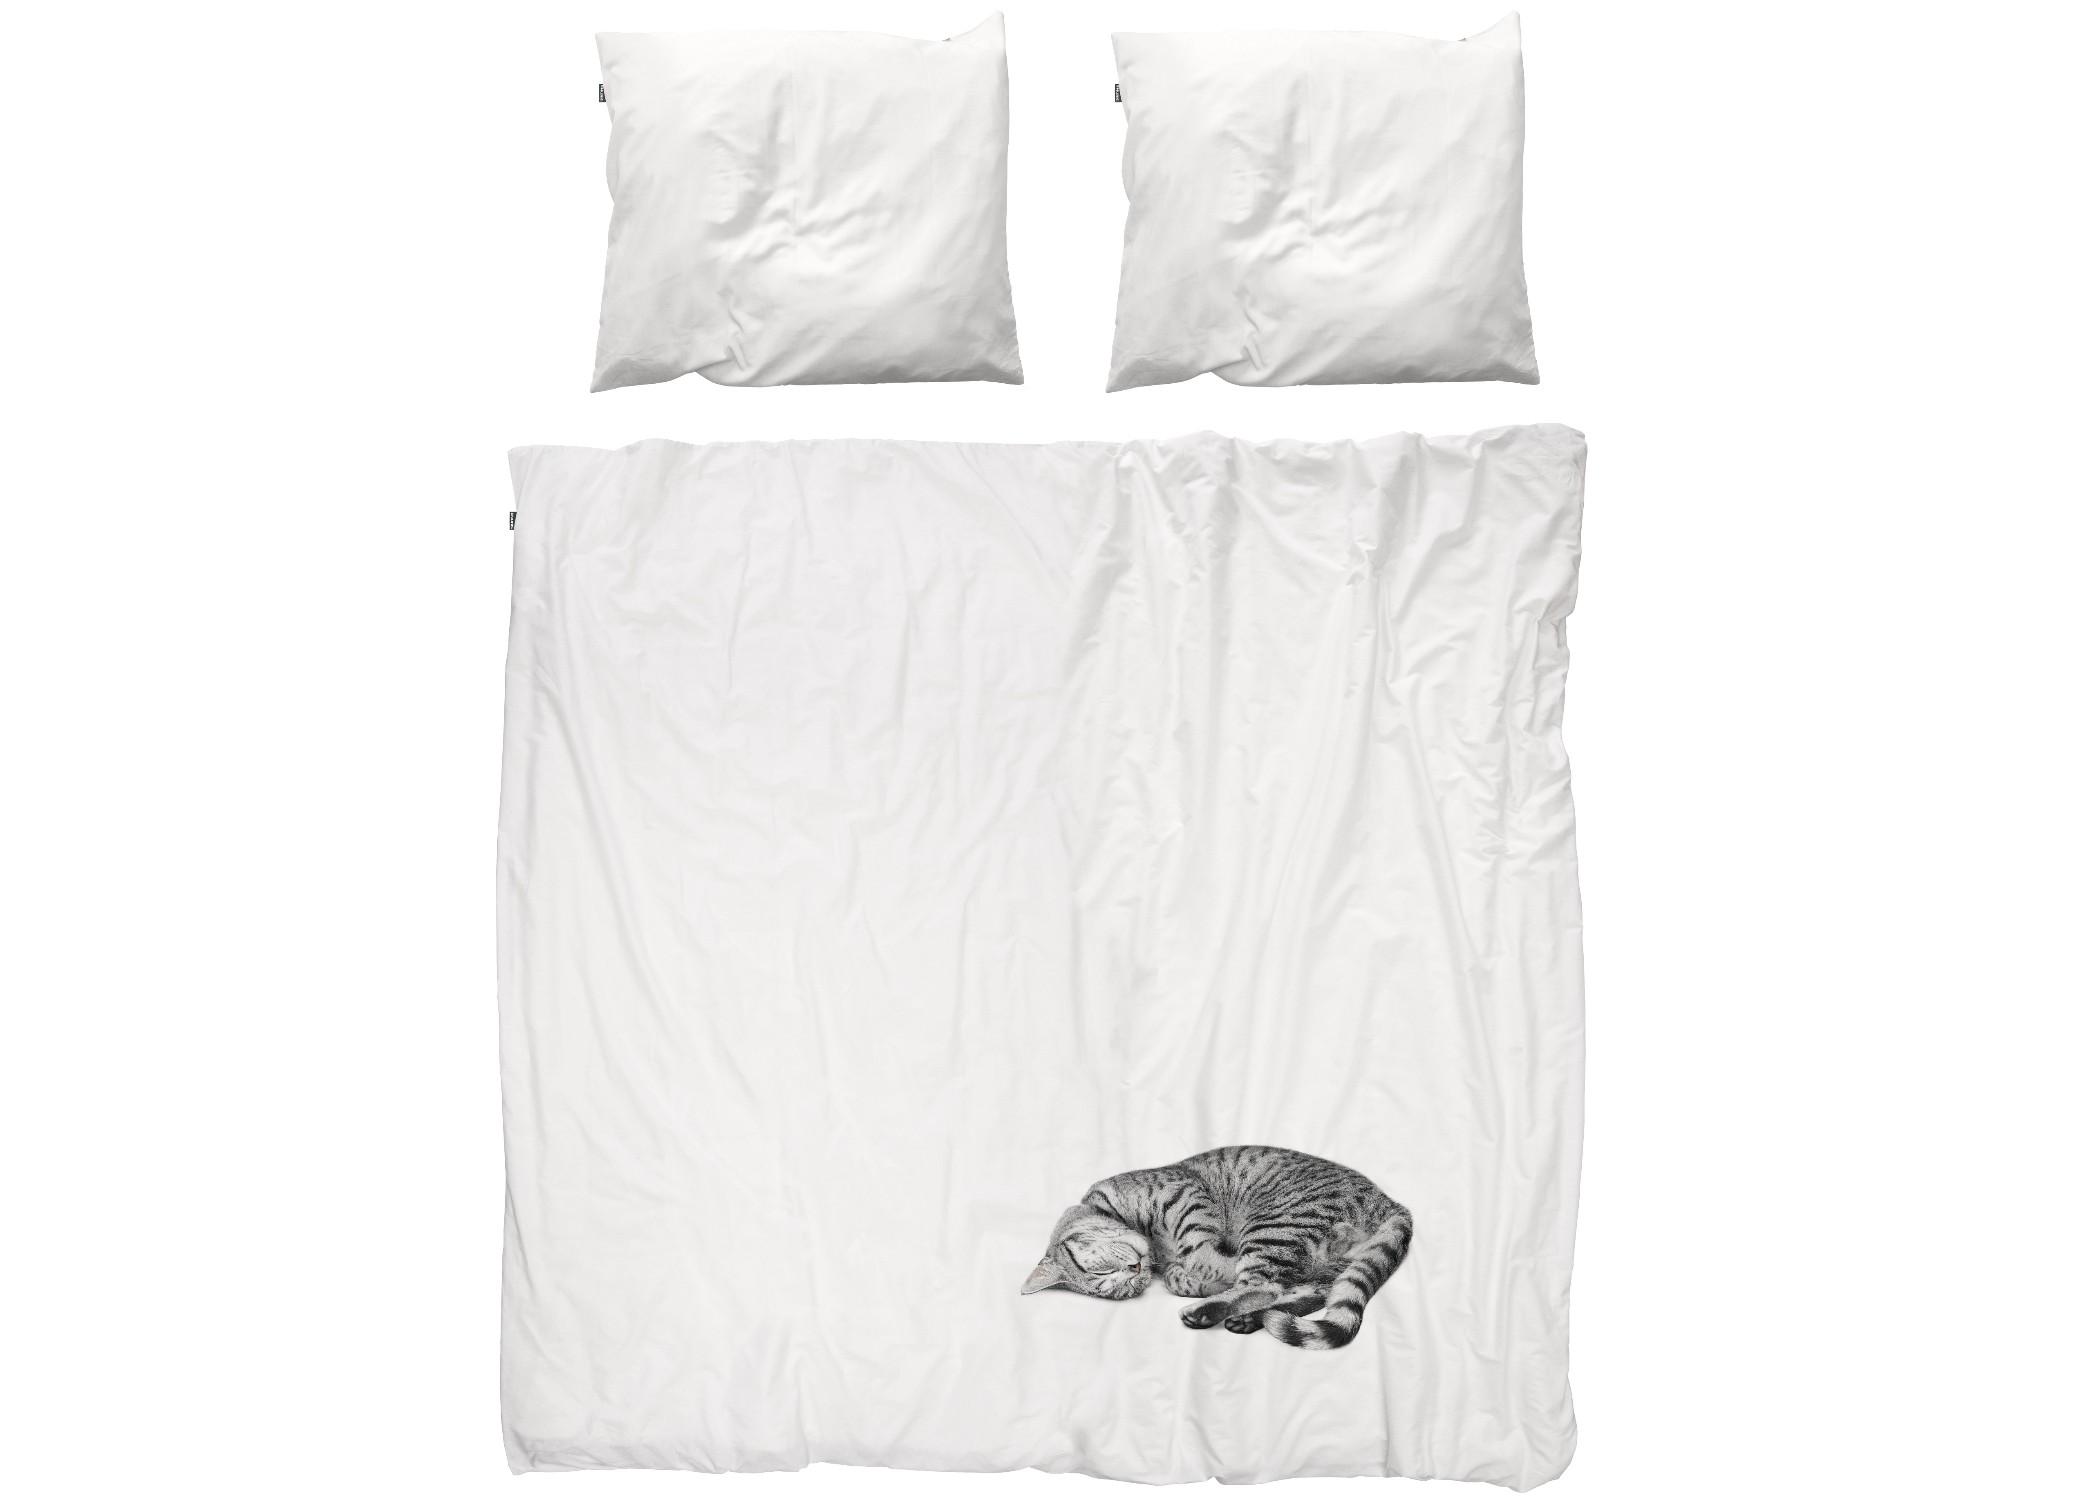 Комплект постельного белья Кошка ОллиДвуспальные комплекты постельного белья<br>Олли — игривый котенок, который любит детей. А еще Олли любит согревать вам местечко в постели. Но что делает Олли по-настоящему особенным, это то, что даже у людей, страдающих аллергией на кошек, нет с ним никаких проблем.&amp;amp;nbsp;&amp;lt;div&amp;gt;&amp;lt;br&amp;gt;&amp;lt;/div&amp;gt;&amp;lt;div&amp;gt;Материал: 100% хлопок ПЕРКАЛЬ (плотность ткани 214г/м2).&amp;amp;nbsp;&amp;lt;div&amp;gt;&amp;lt;span style=&amp;quot;line-height: 1.78571;&amp;quot;&amp;gt;В комплект входит: пододеяльник 200х220см - 1 шт, наволочка 50х70см - 2 шт.&amp;lt;/span&amp;gt;&amp;lt;br&amp;gt;&amp;lt;/div&amp;gt;&amp;lt;/div&amp;gt;<br><br>Material: Хлопок